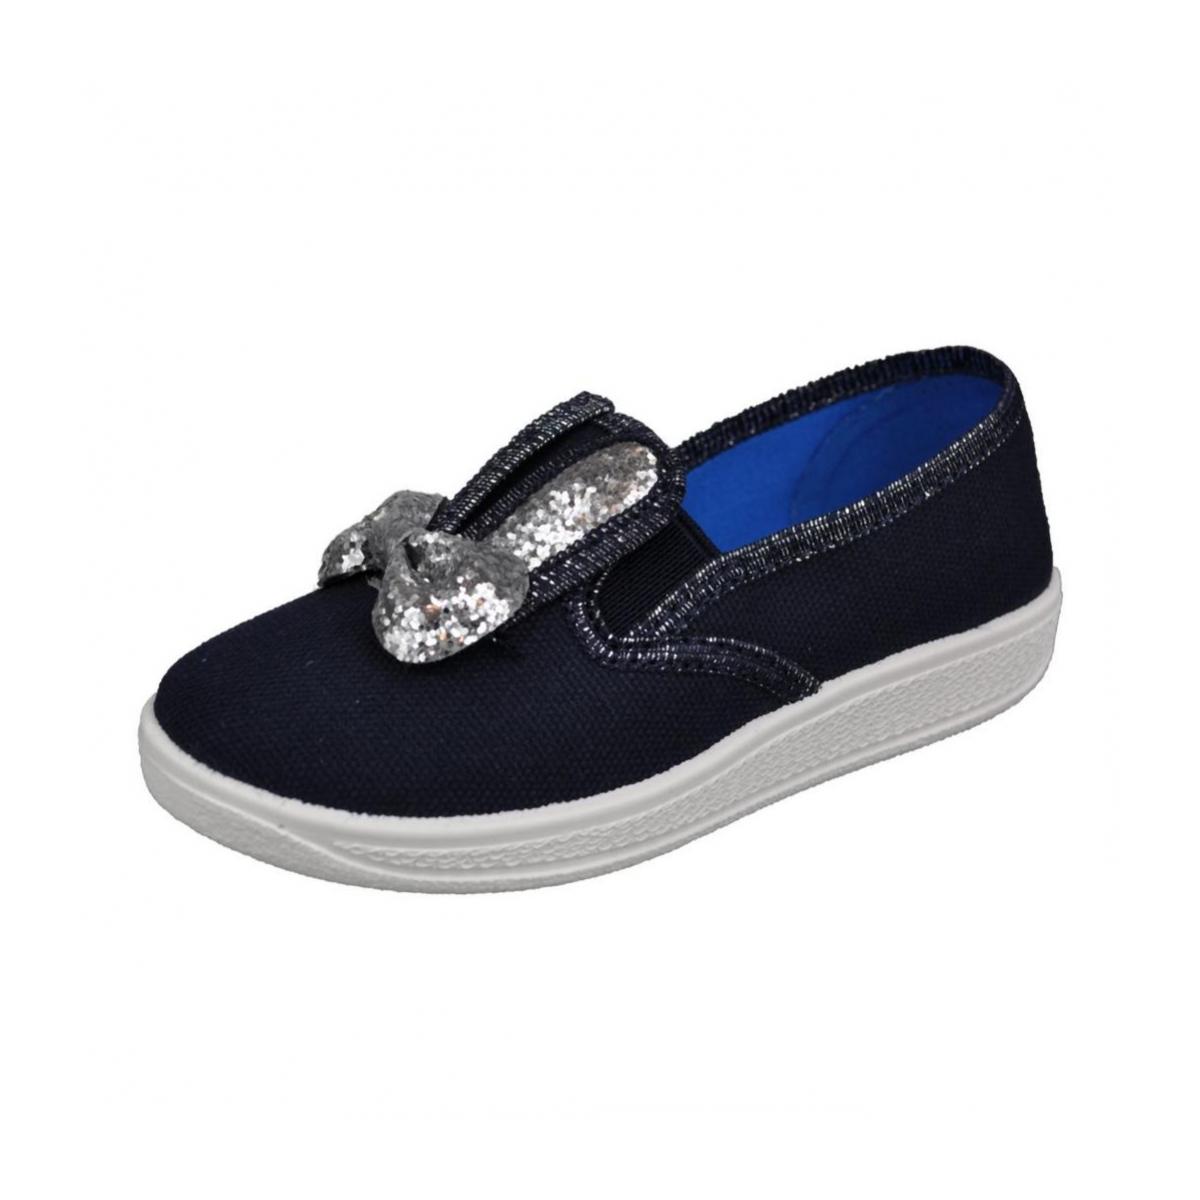 cc89a7eb7feed Detské tmavomodré topánky BUNII | Johnc.sk